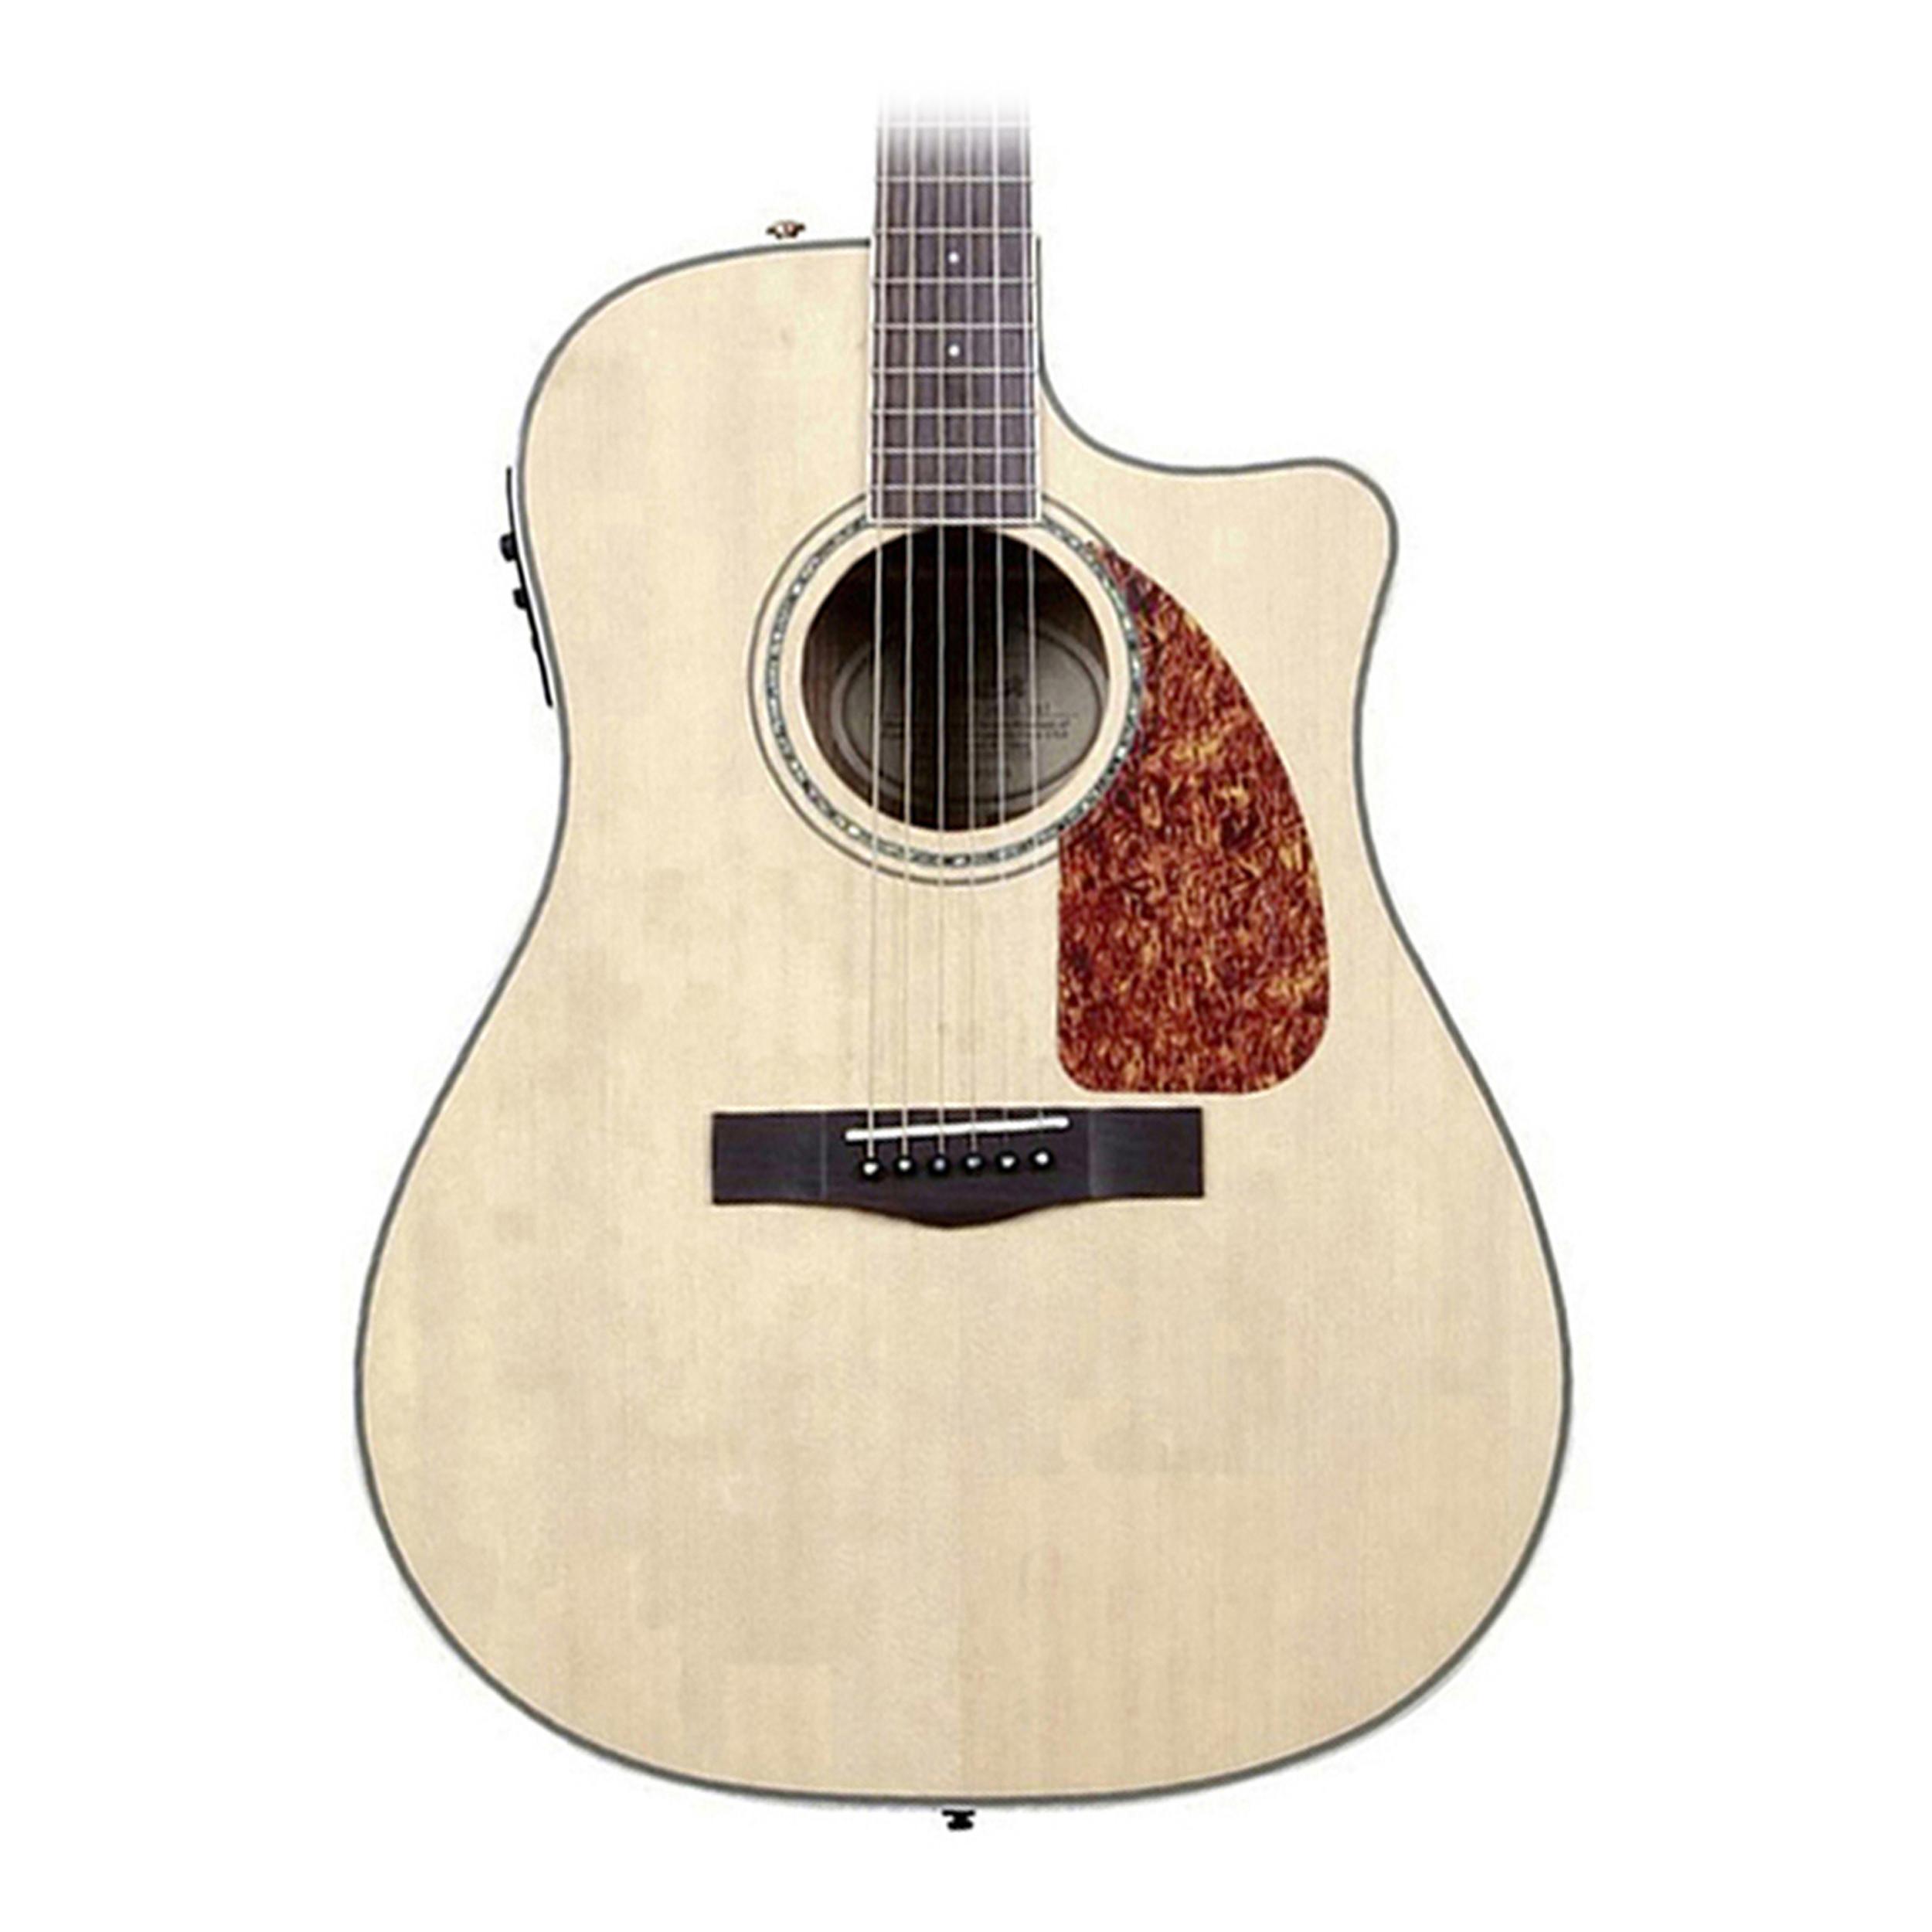 Seagull S6 Original Acoustic Guitar Review  Guitar Spotting